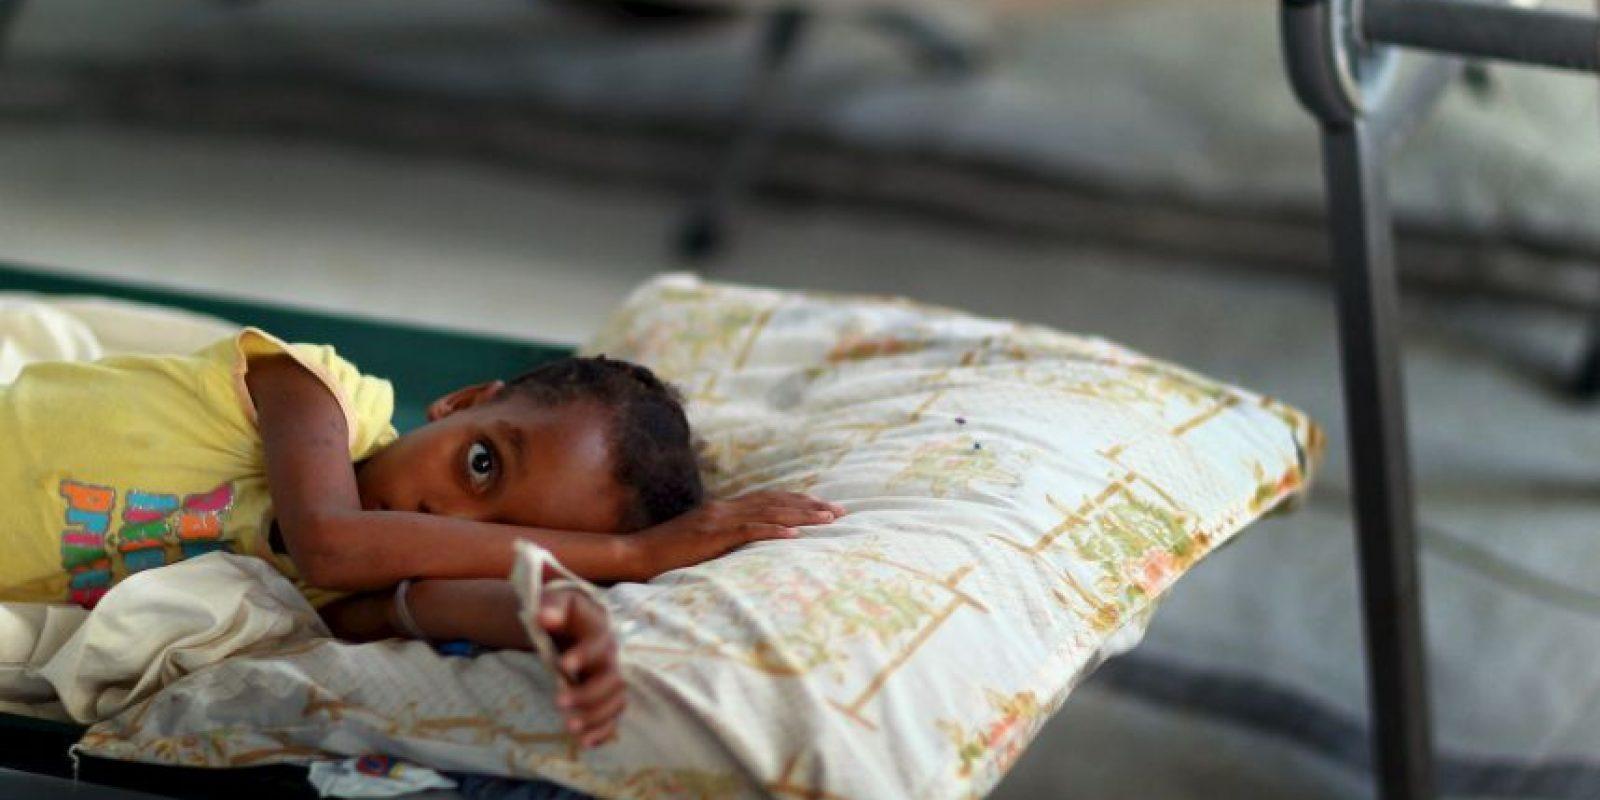 """La OMS detalla que el cólera es """"una enfermedad diarreica aguda que, si no se trata, puede causar la muerte en cuestión de horas"""". Foto:Getty Images"""